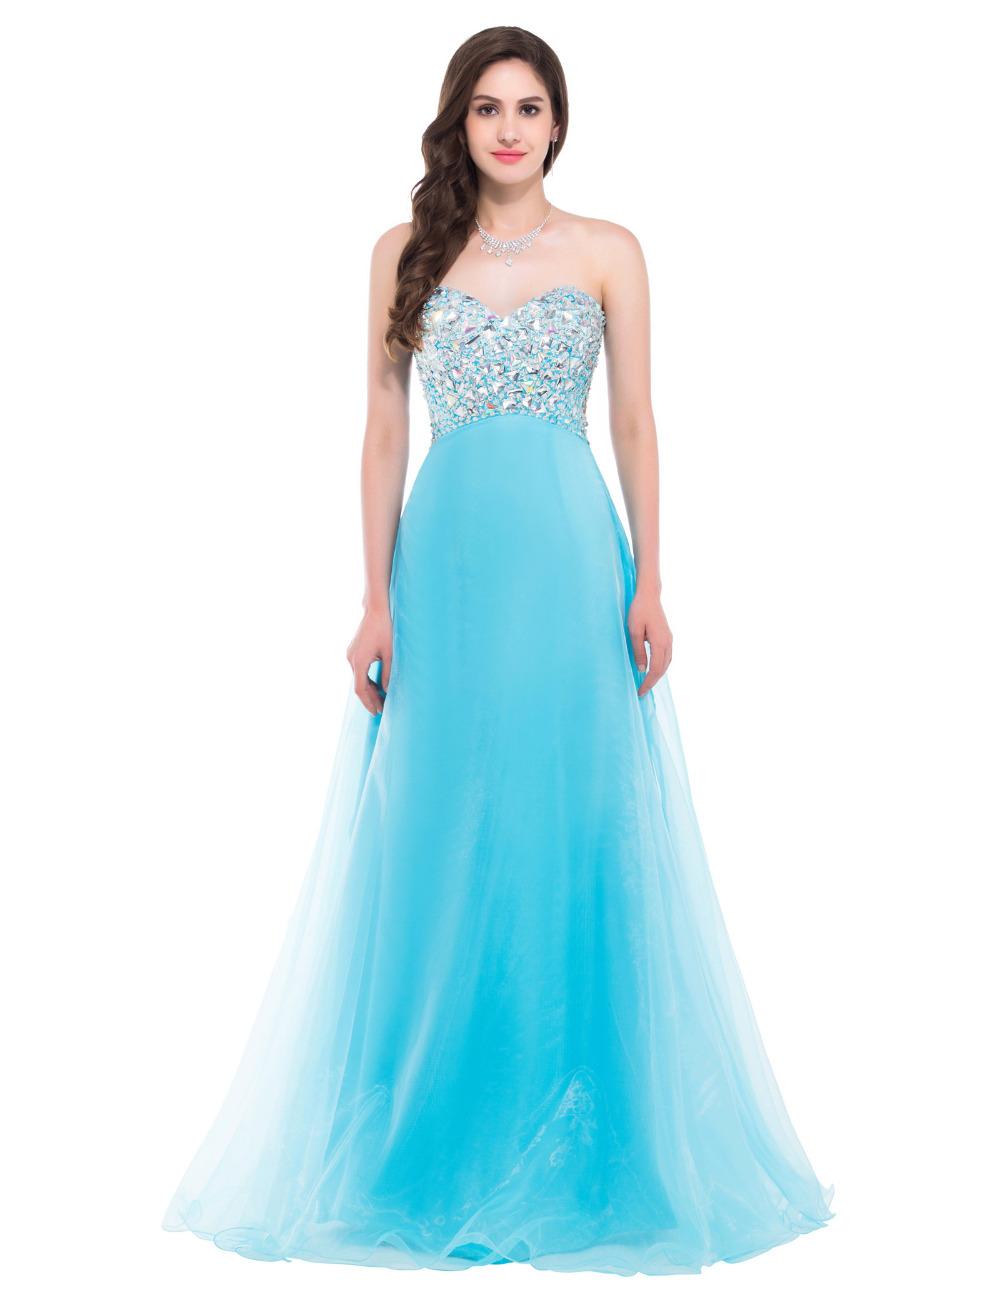 2016 Очаровательная принцесса голубой длинные вечерние платья Бисером Шифоновое бальное платье Платья vestido де феста лонго